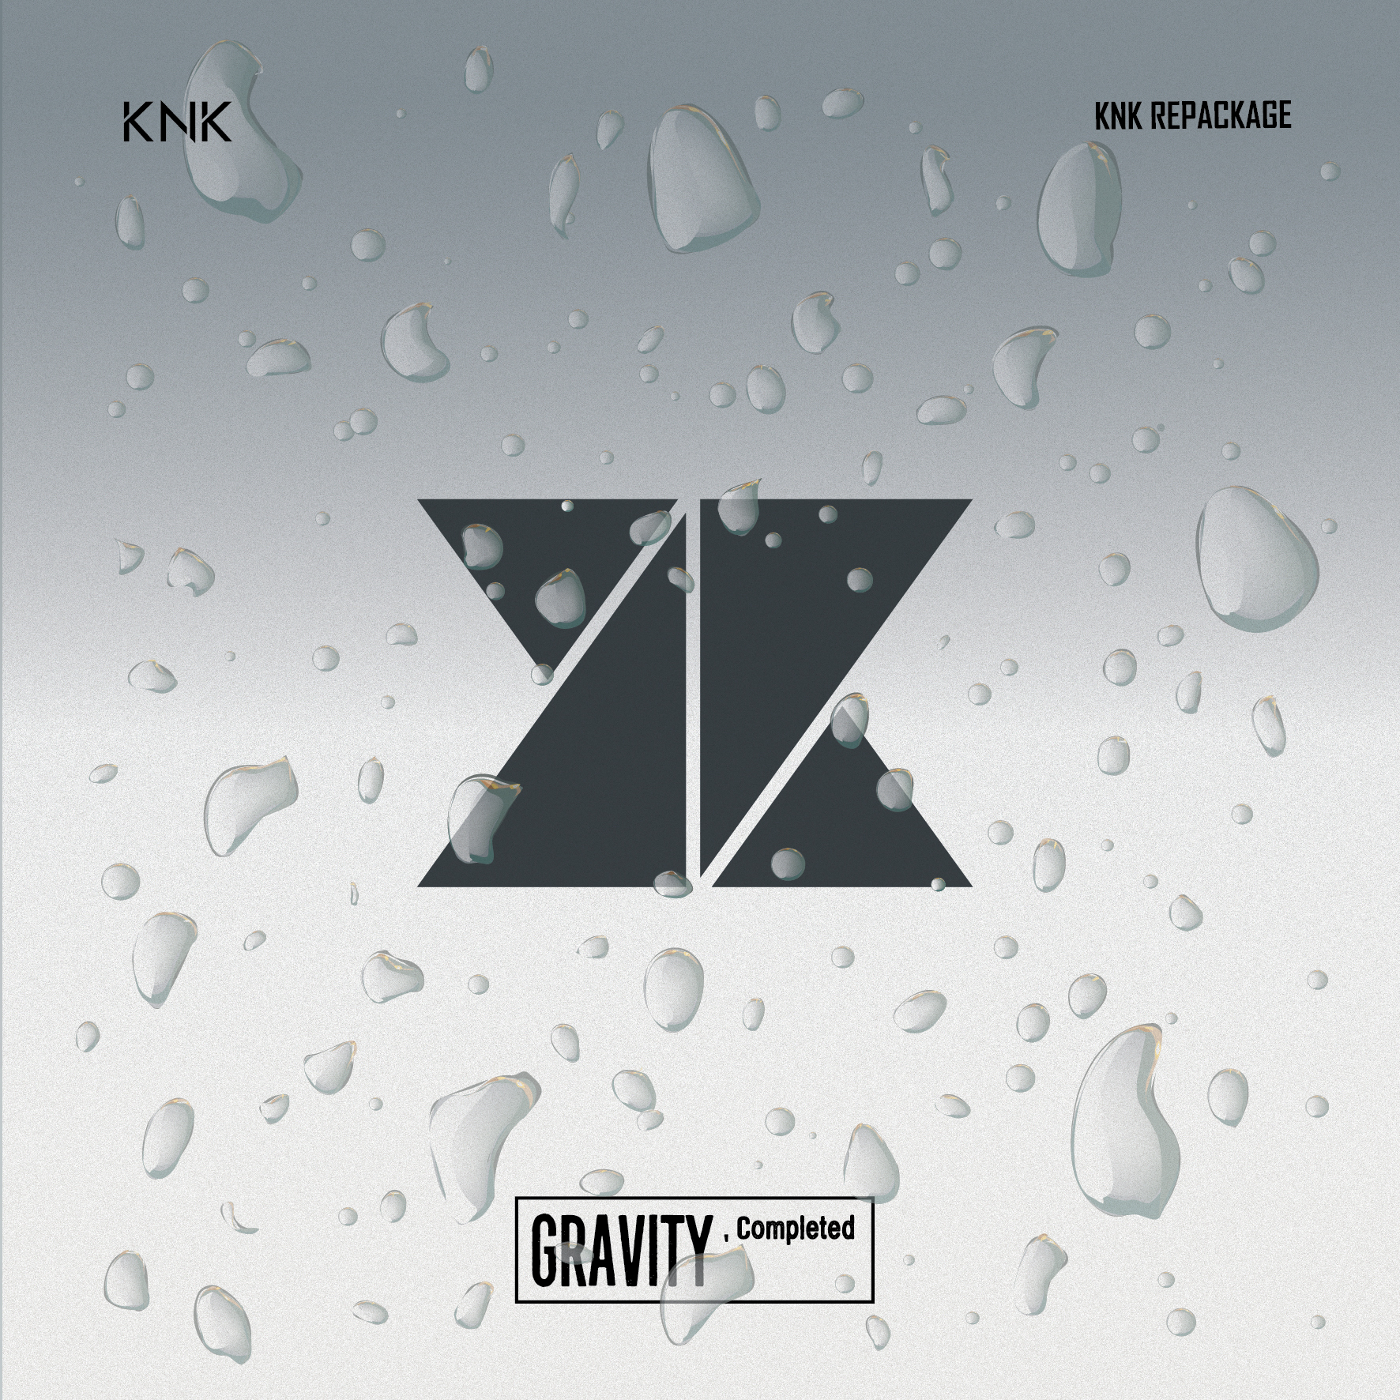 Gravity (KNK)